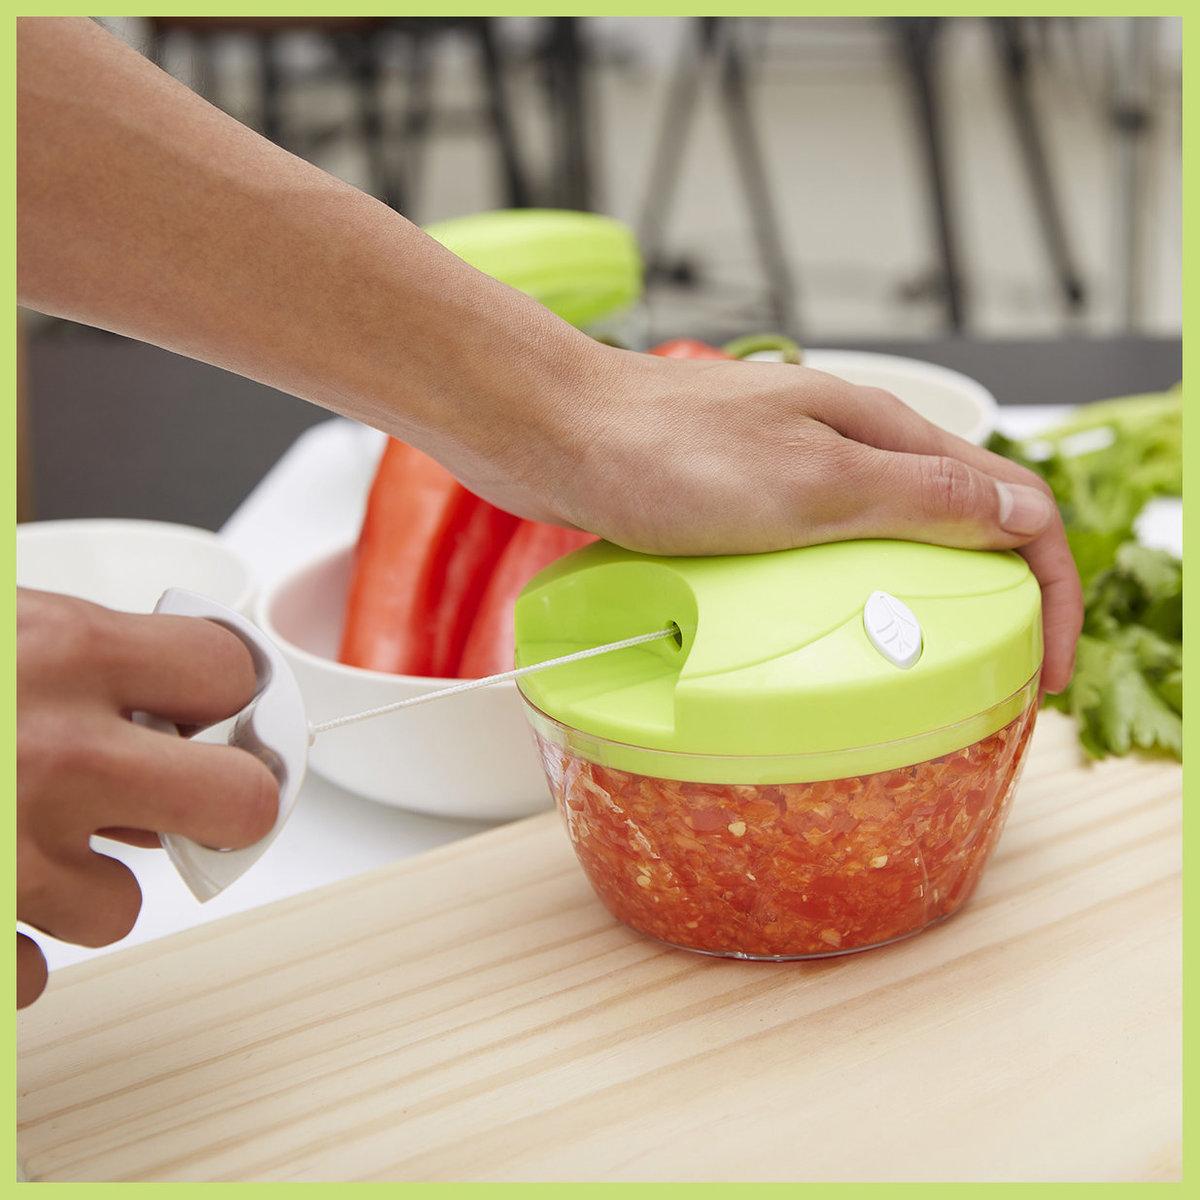 Manual Hand Pull Speedy Garlic/Vegetables Chopper Food Chopper